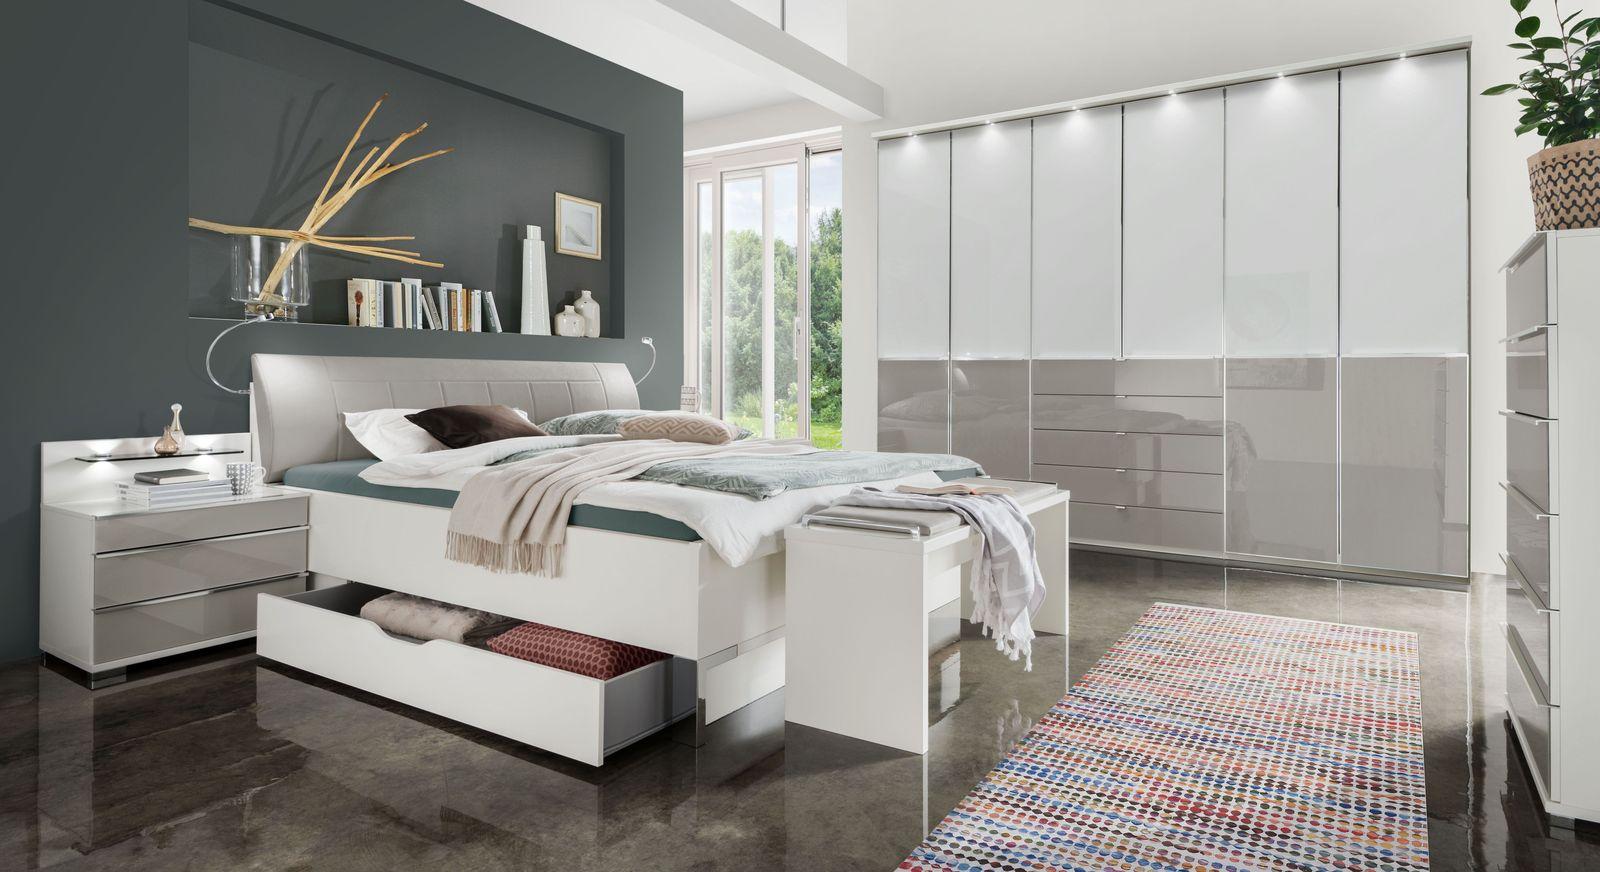 Funktions-Kleiderschrank mit Glasfront & Schubladen - Shanvalley